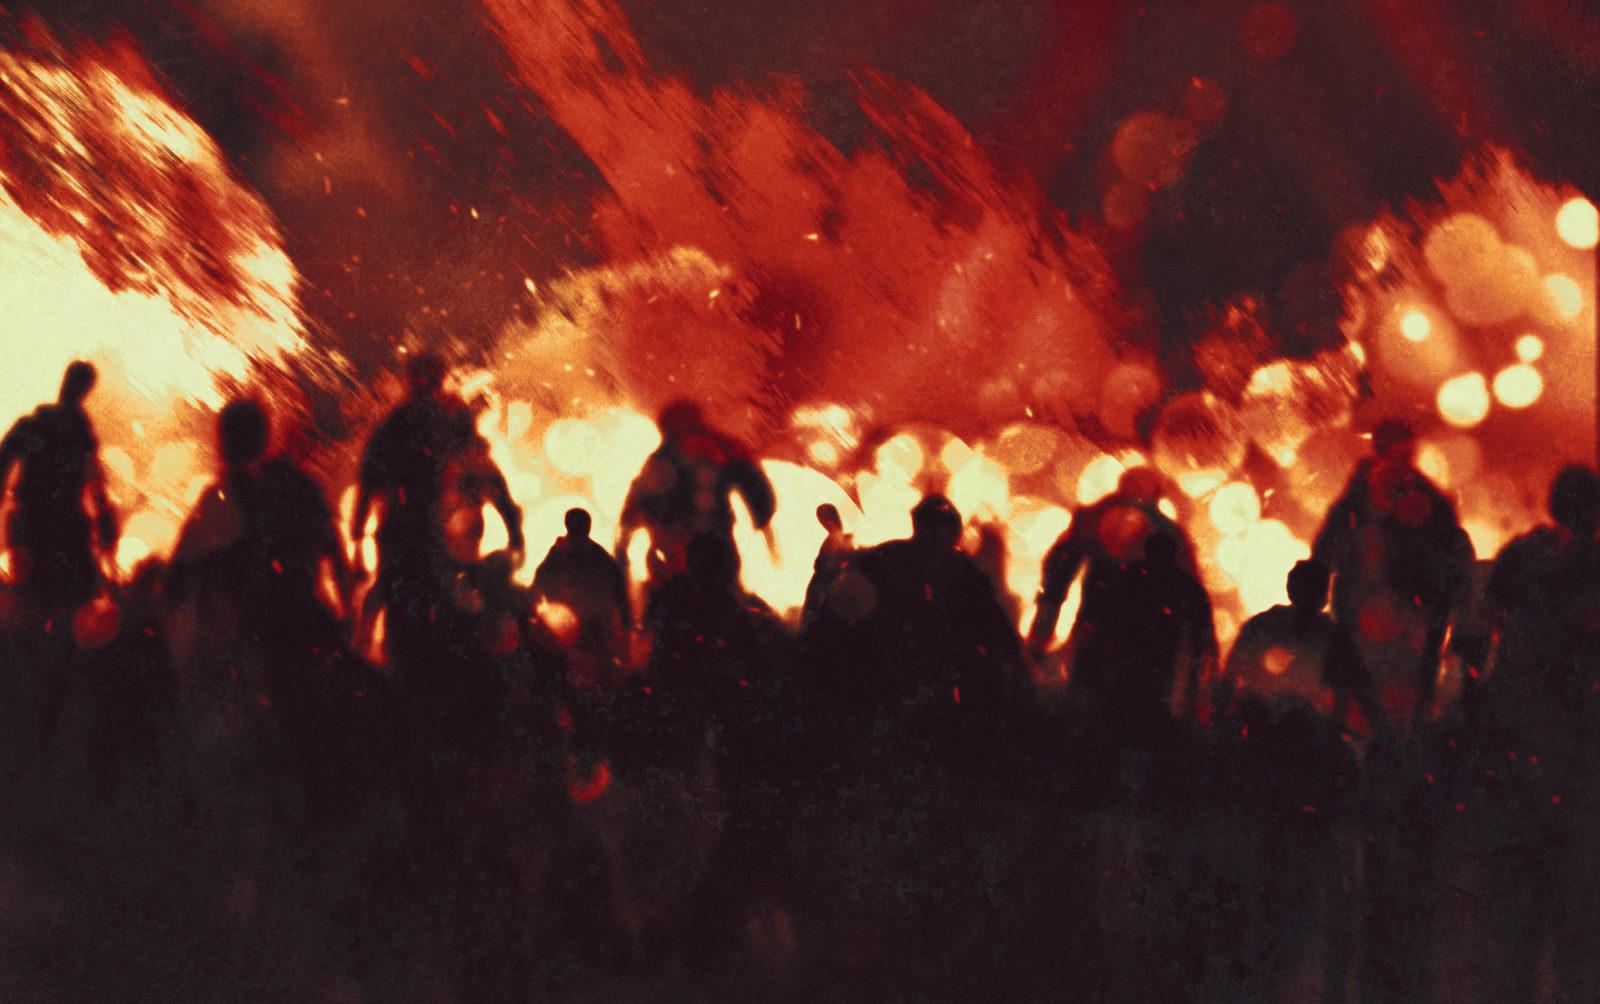 Zombie Apocalypse theme for events